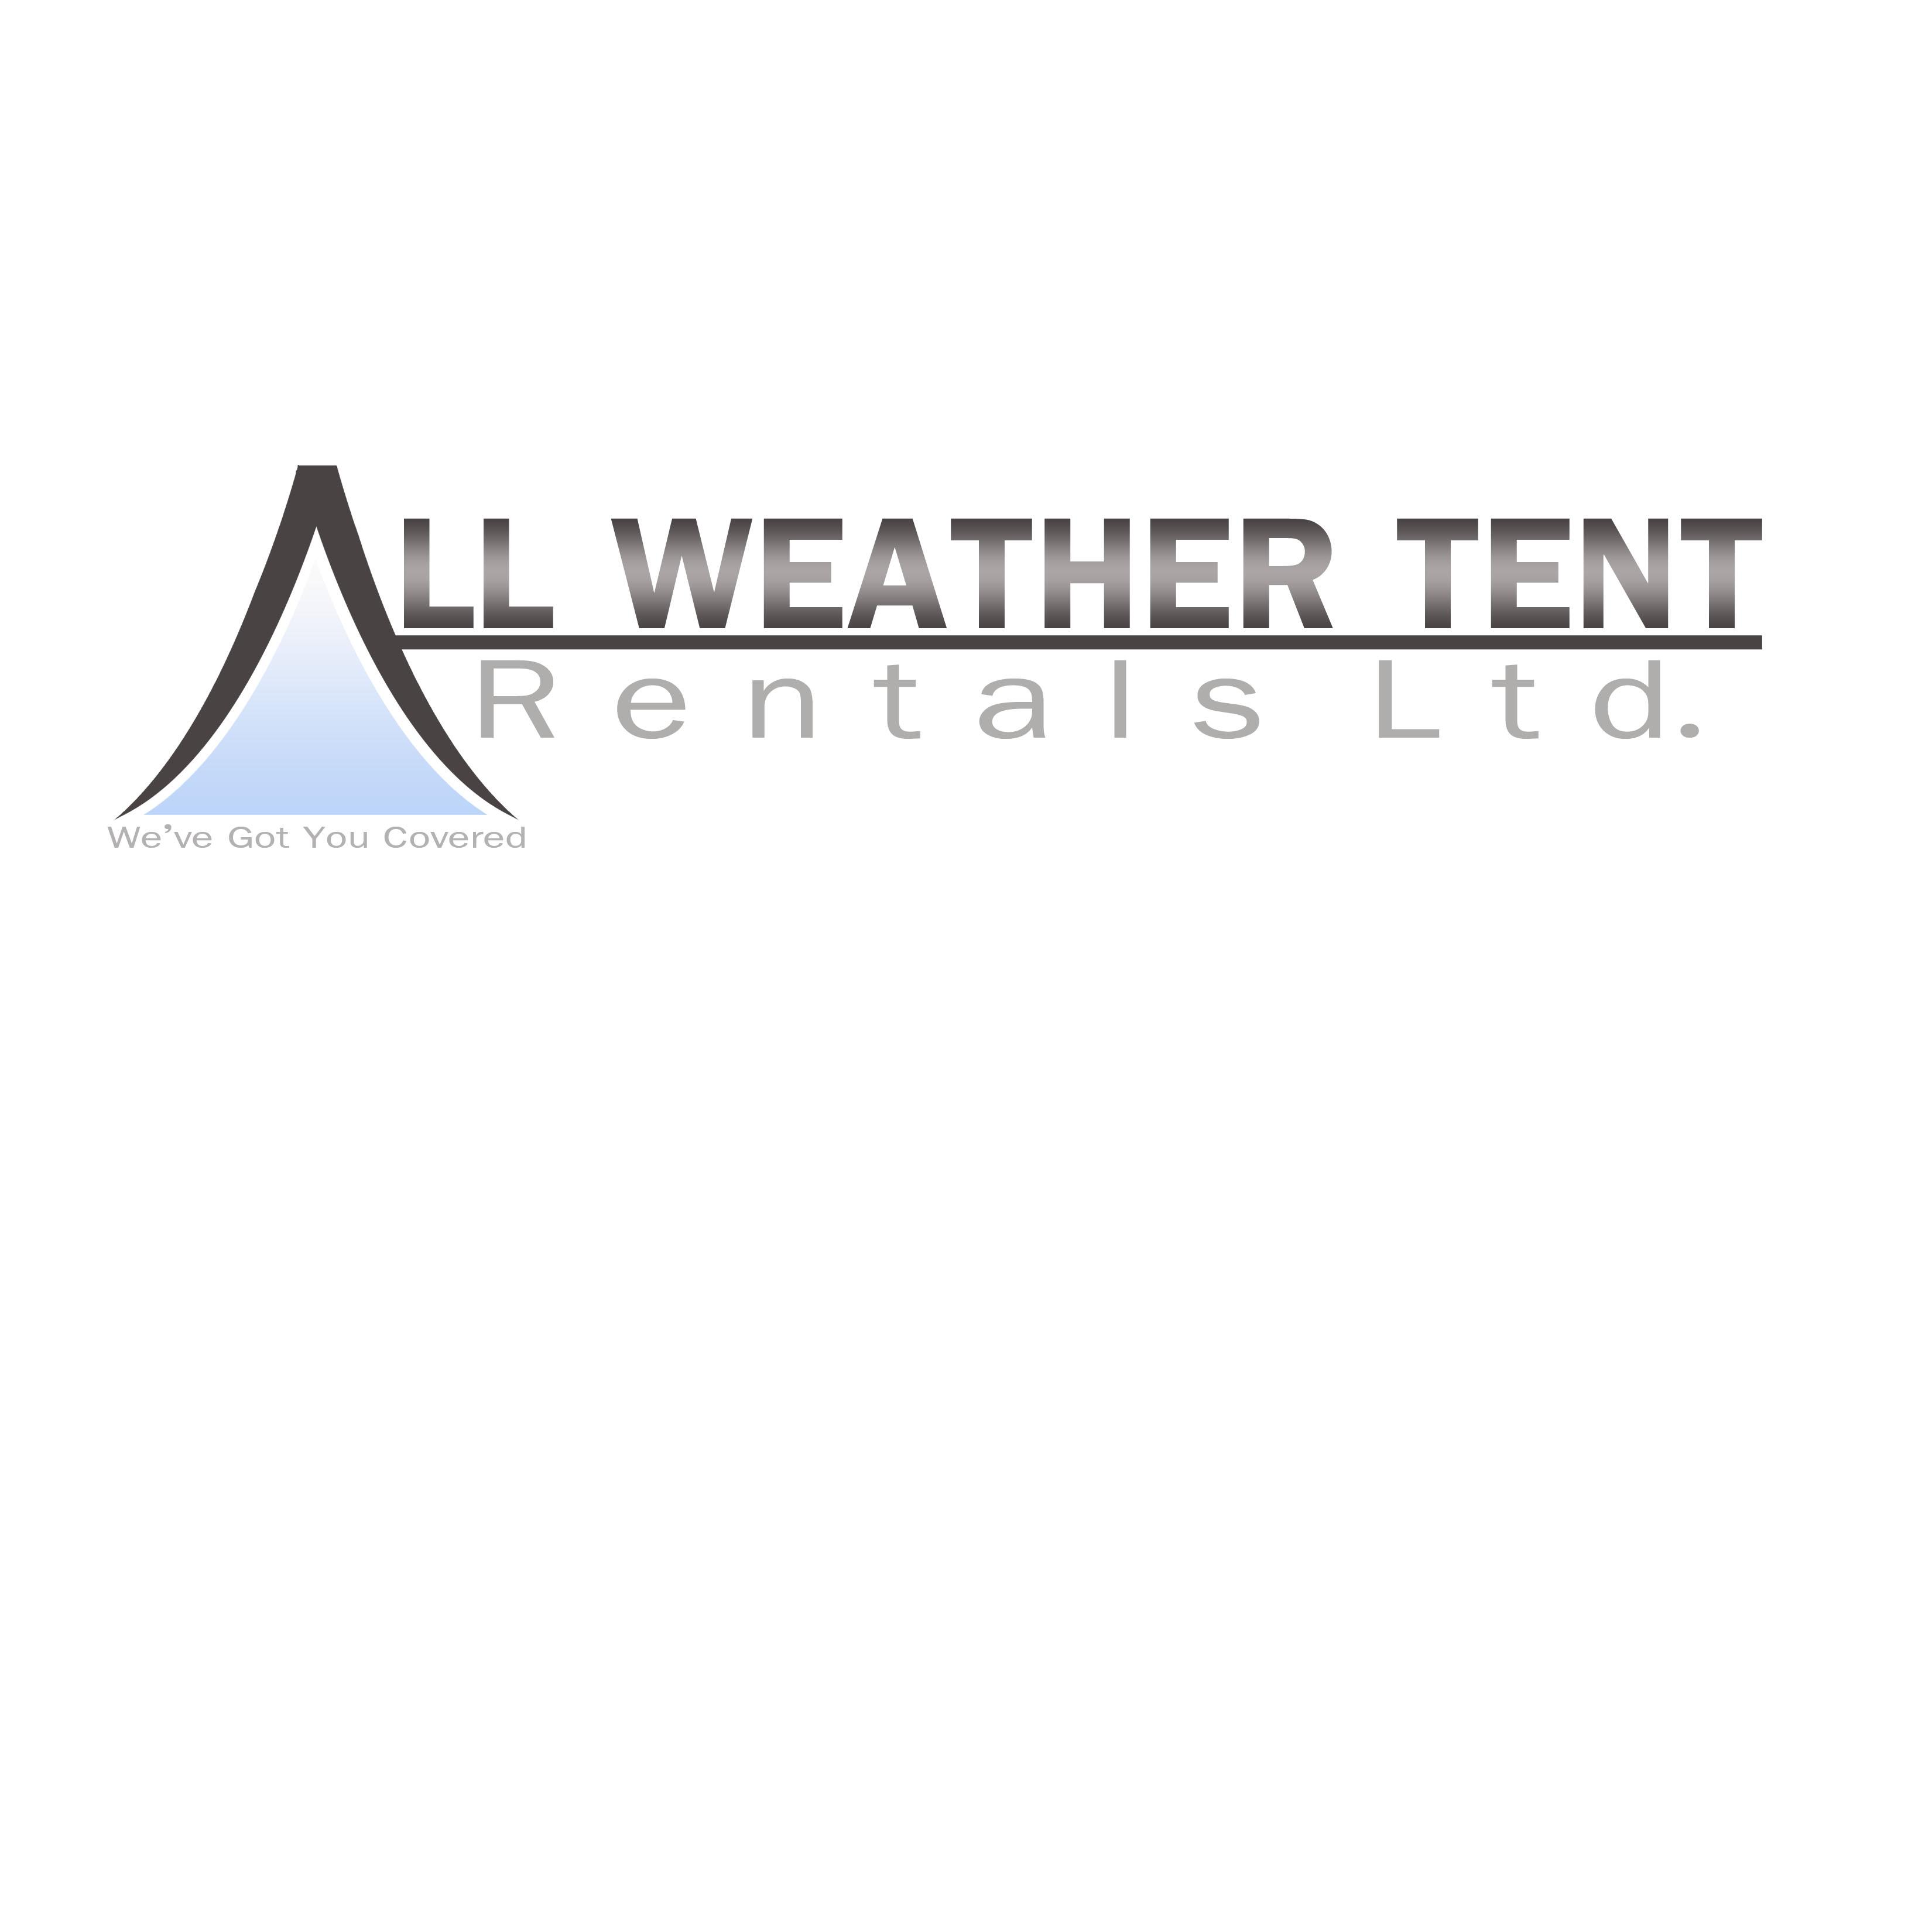 Logo Design by Allan Esclamado - Entry No. 1 in the Logo Design Contest Captivating Logo Design for All Weather Tent Rentals Ltd..